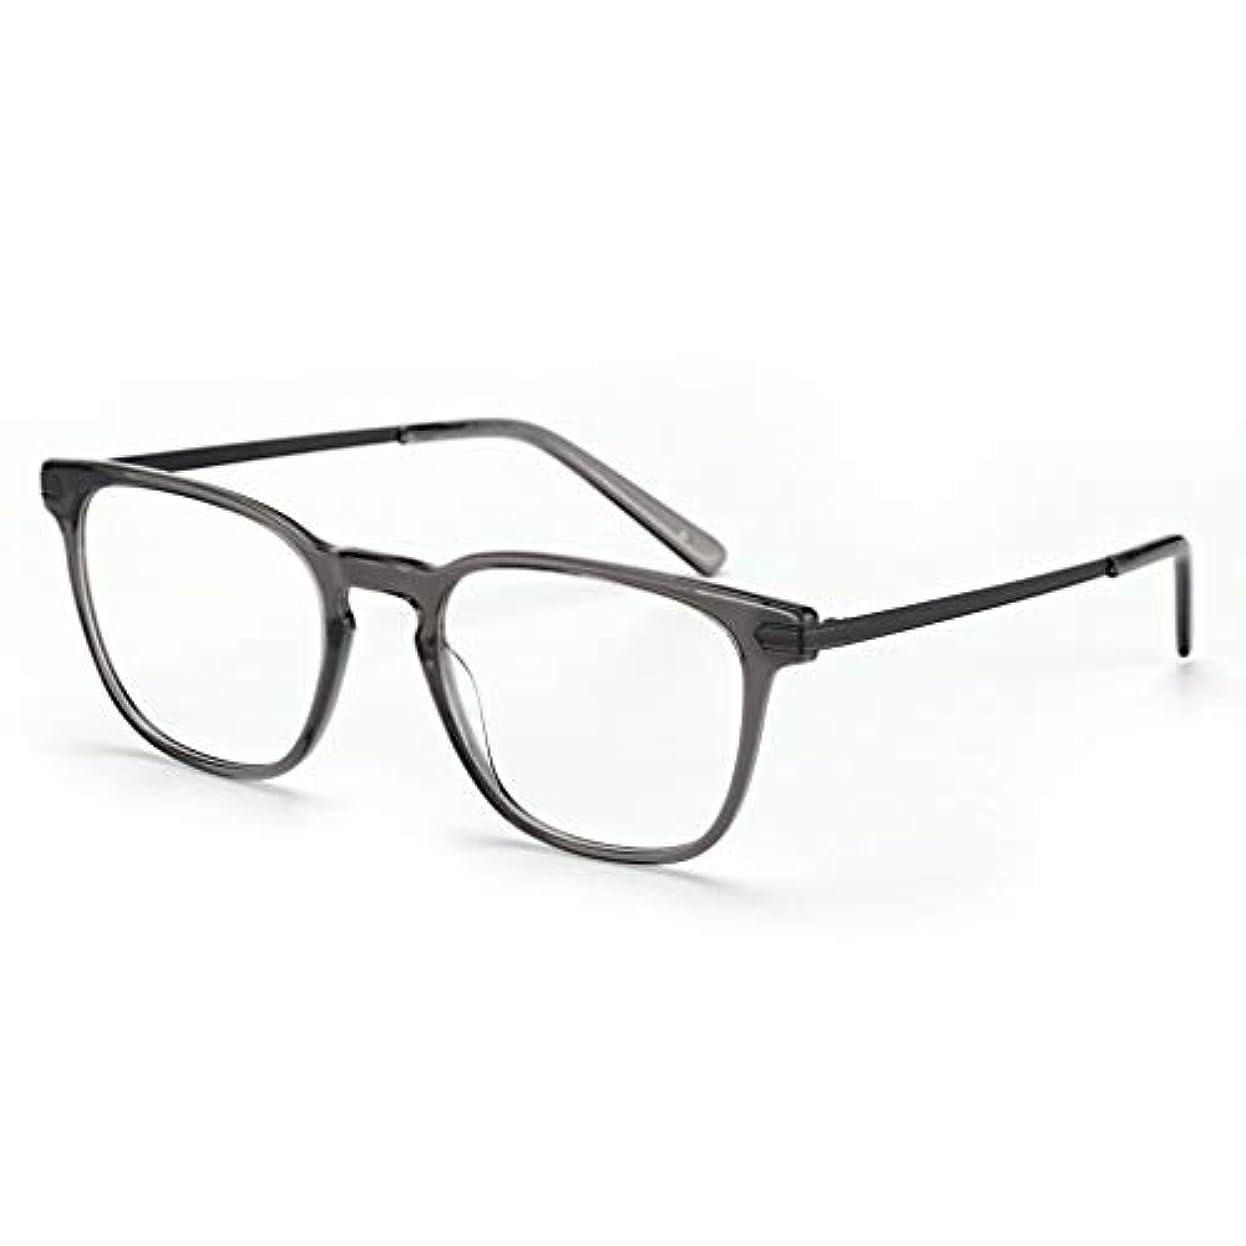 ウルル母音オーディション老眼鏡、光学アイウェア、処方箋なしの眼鏡、日焼け防止剤、放射線防護、紫外線防護、屋外での色の変化、メンズ/レディース